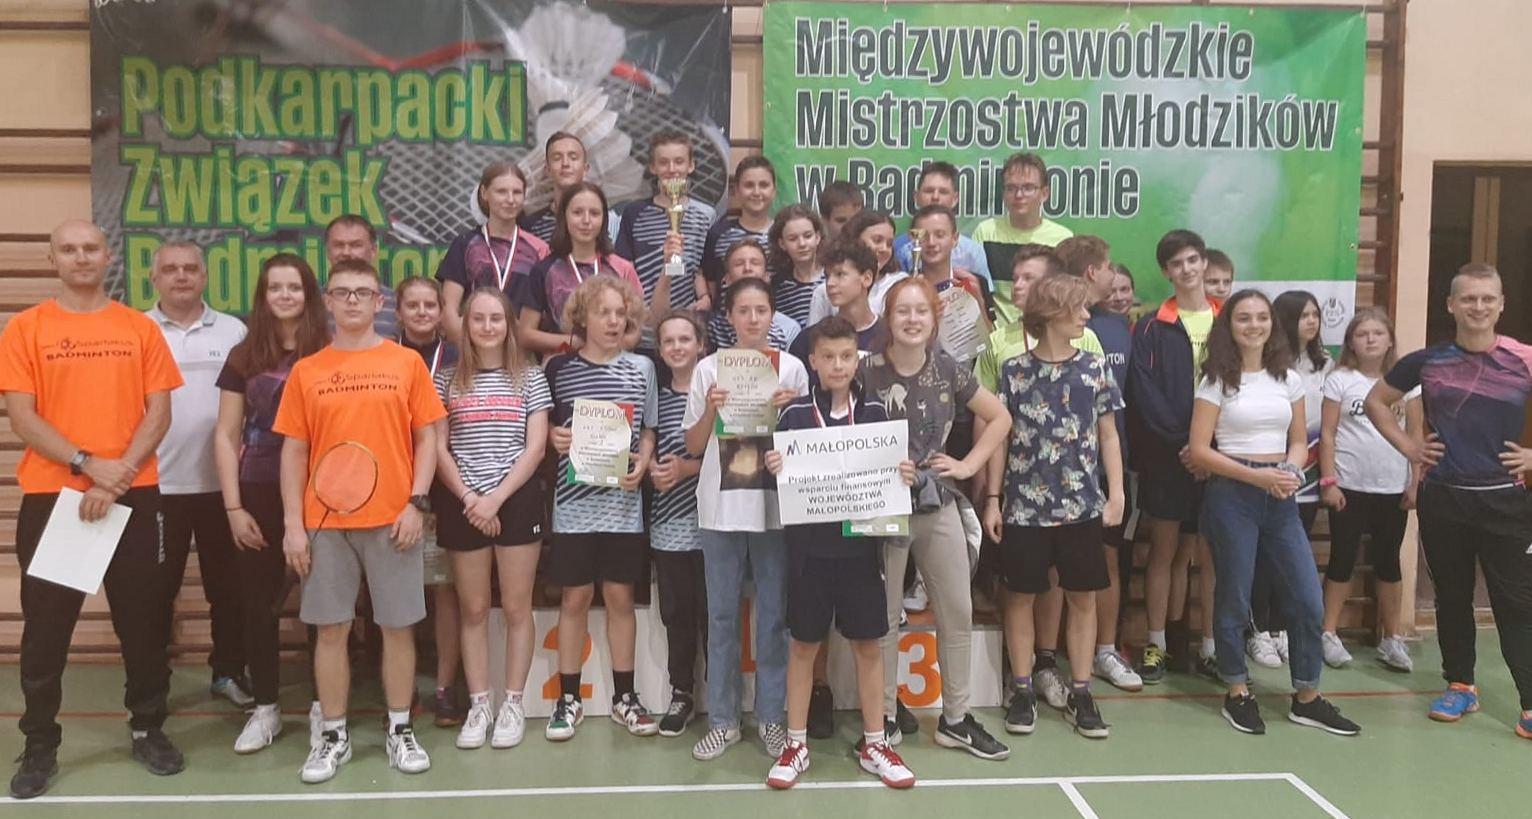 Pamiątkowe zdjęcie badmintonistów po zawodach.